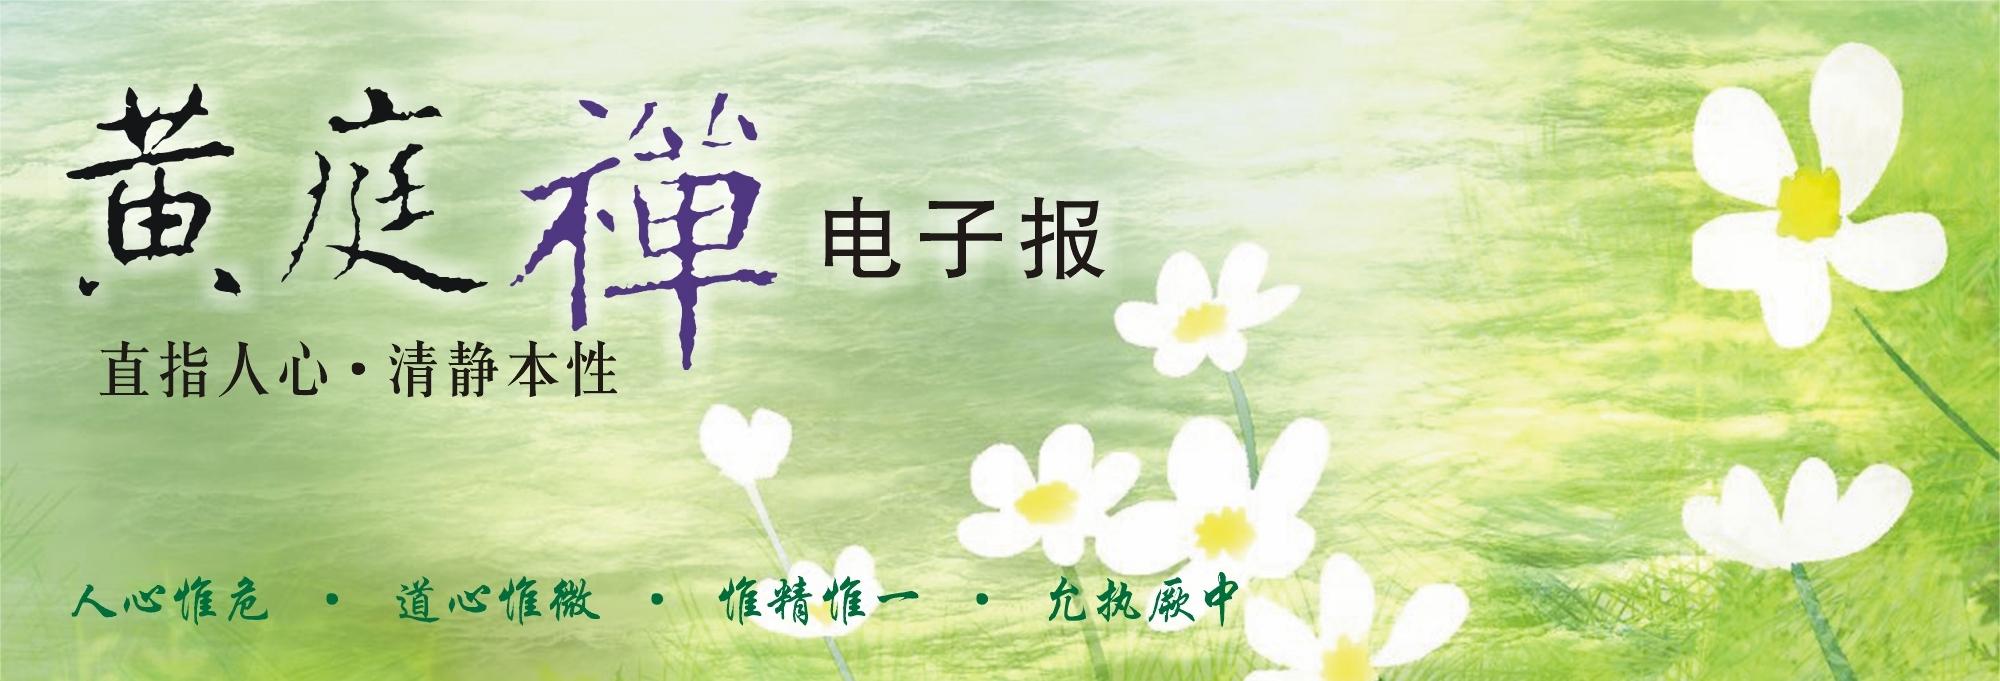 中华黄庭禅学会2019.05.21电子报